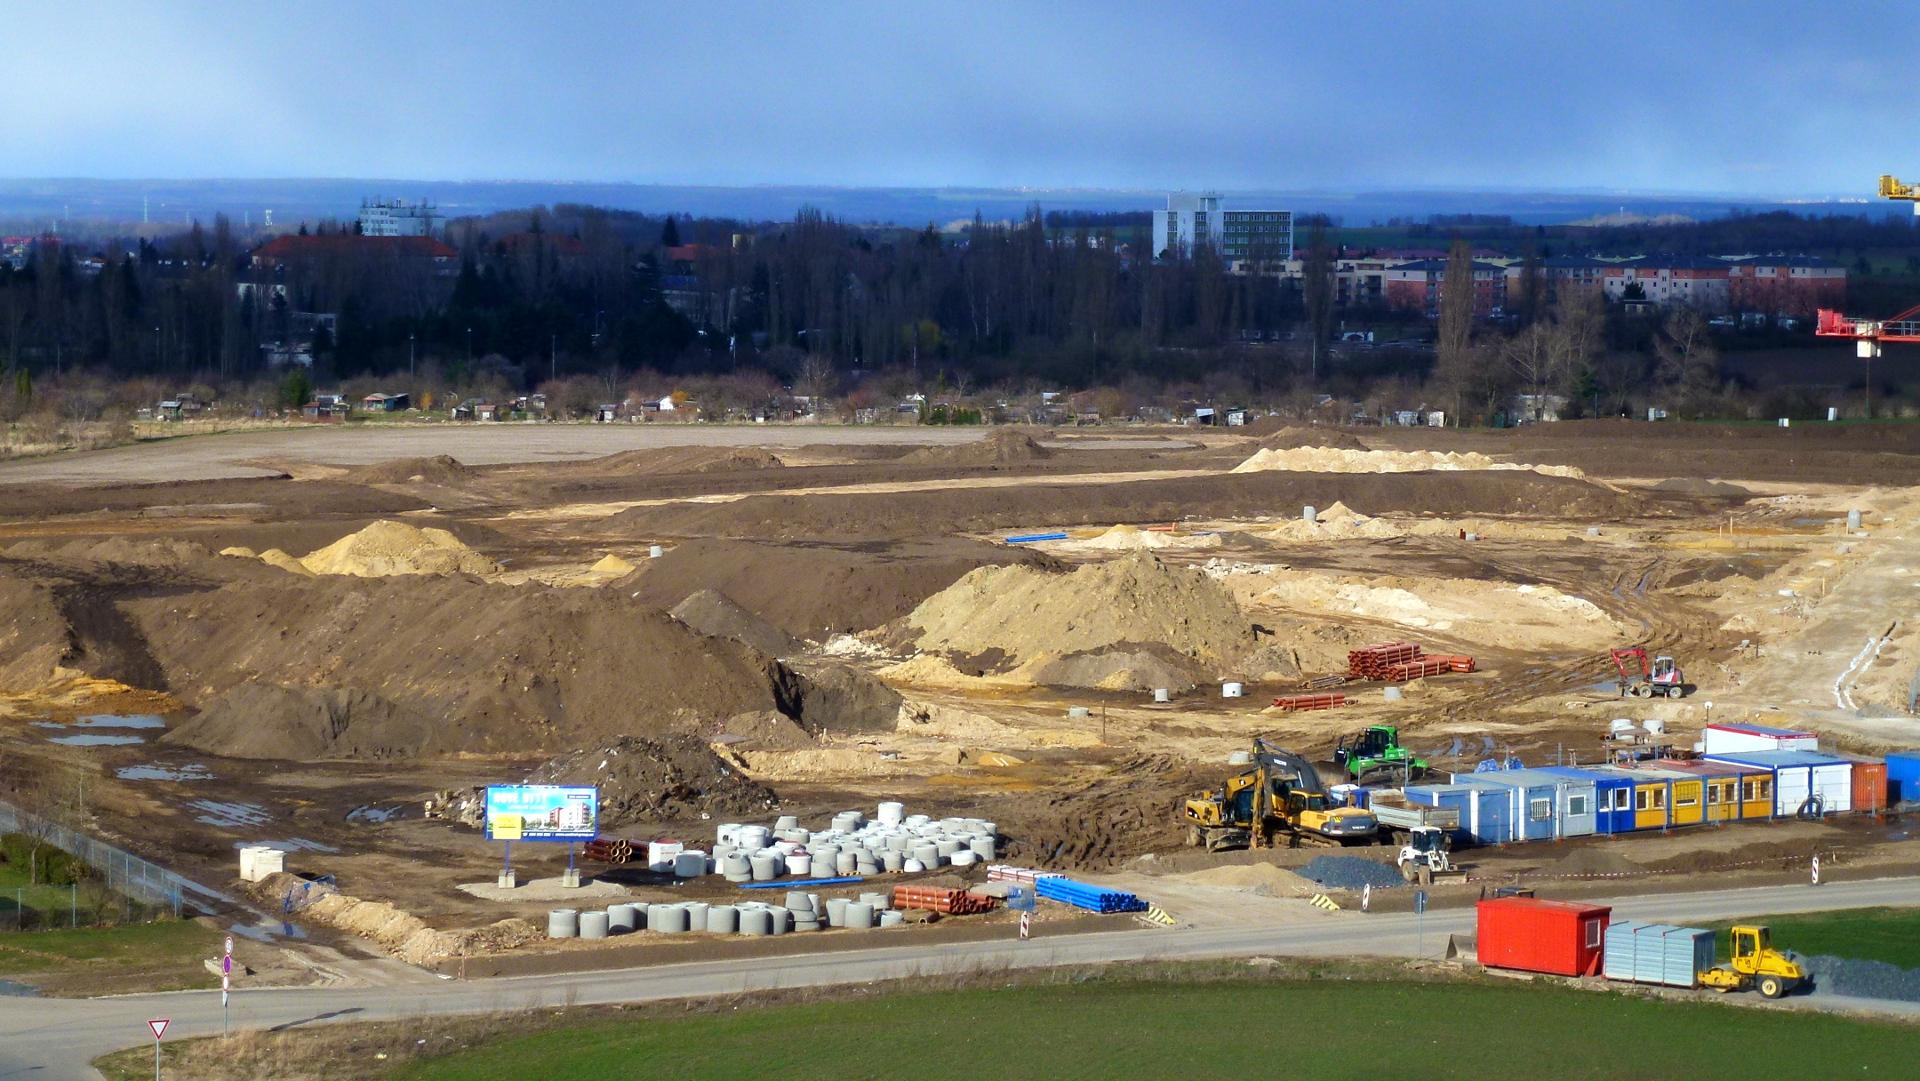 Pohled na staveniště z budovy CG 4.4.2015. Vpravo je již dobře vidět budoucí příjezdová cesta k rodinným domům.